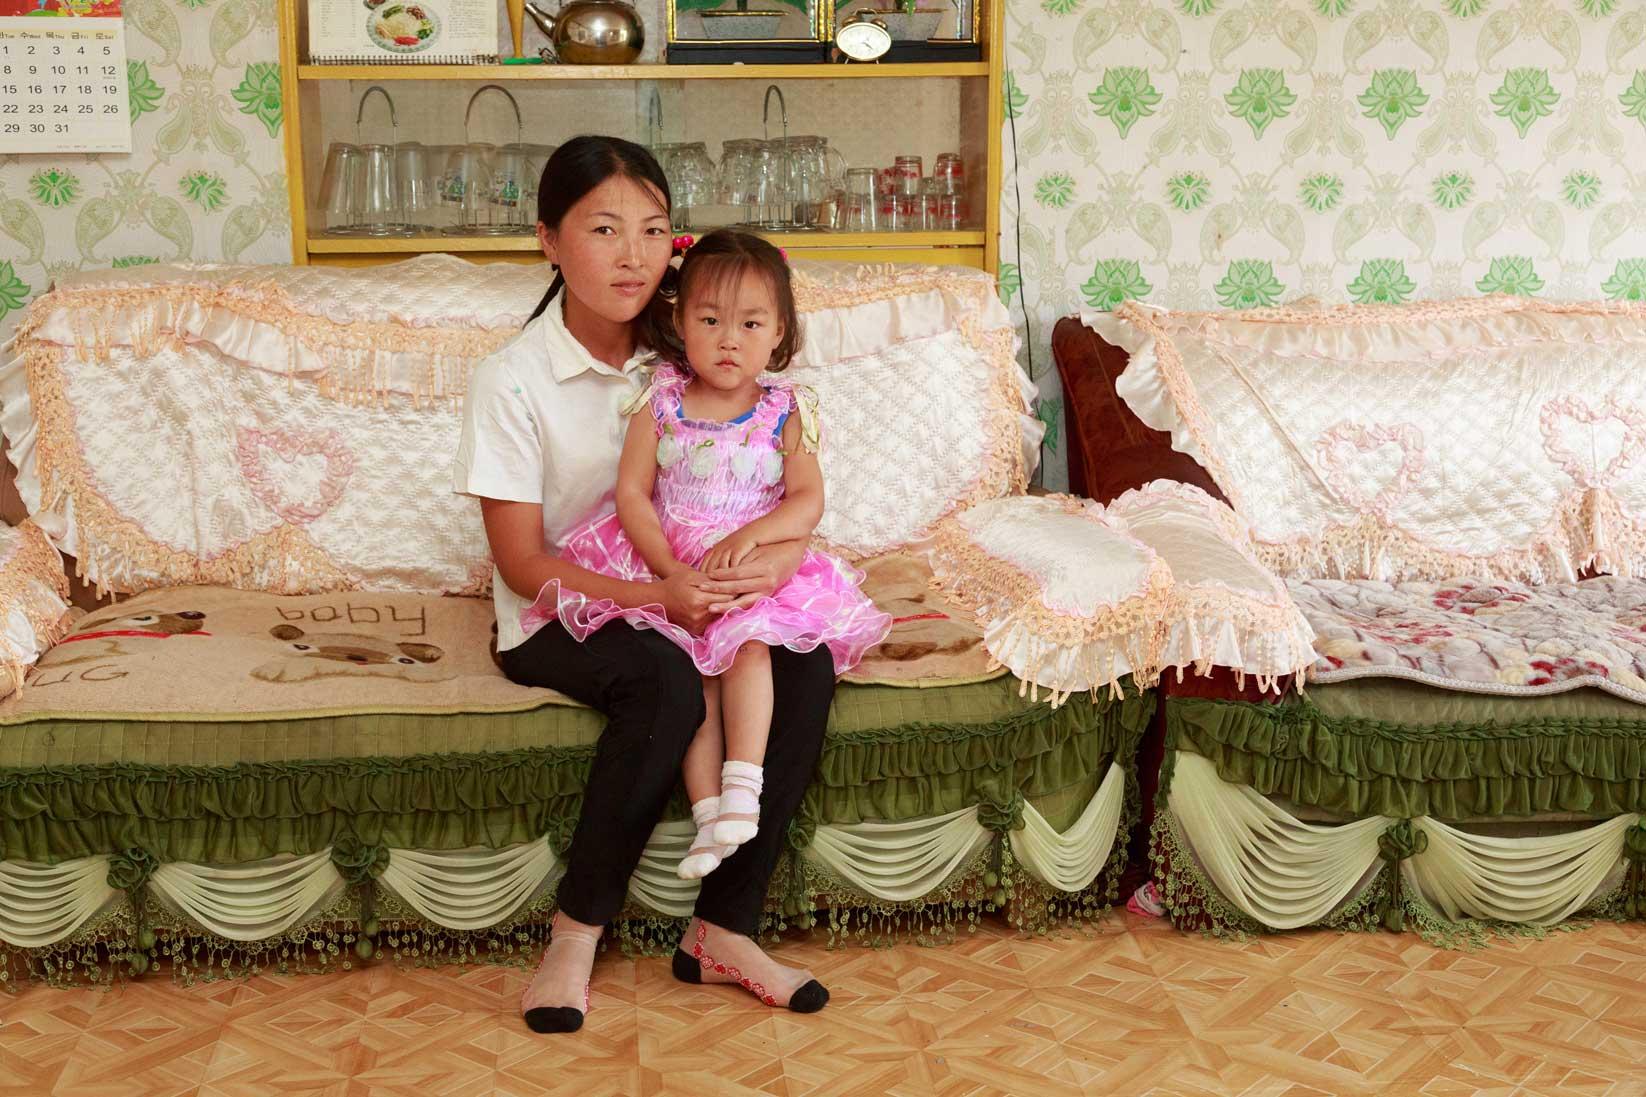 朝鮮でホームステイ その奇妙な世界_b0235153_16332895.jpg